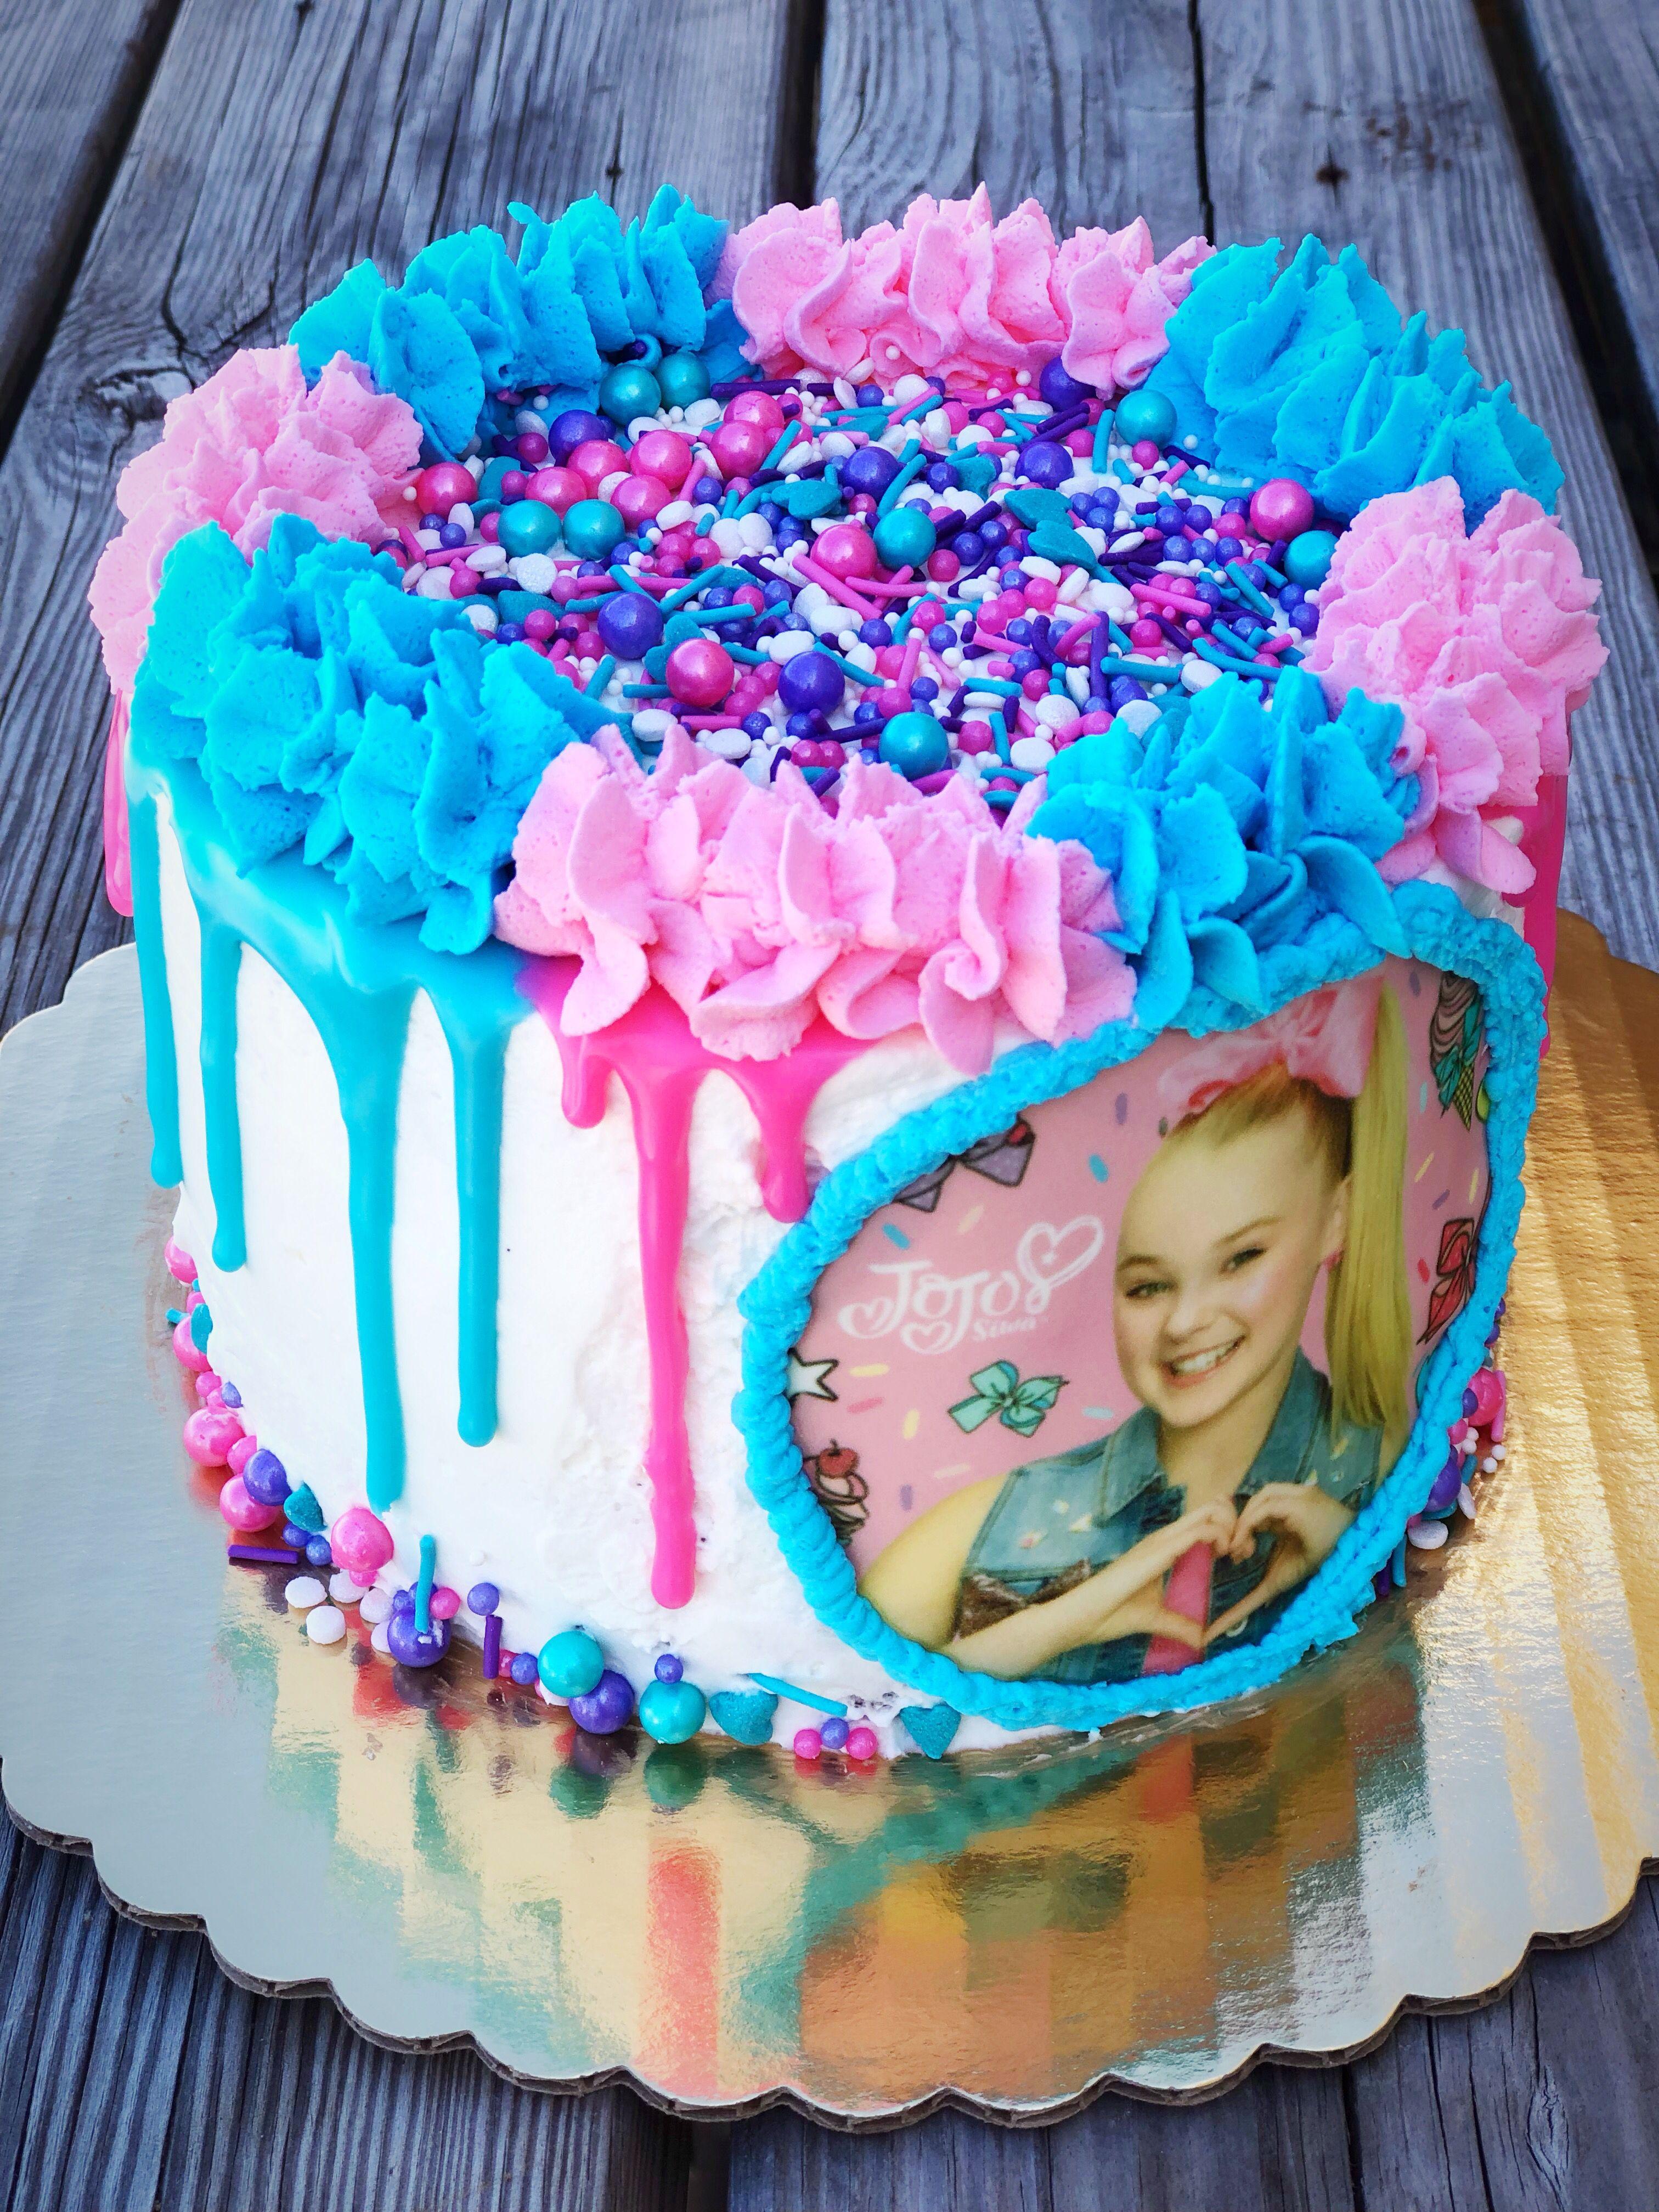 Incredible Jojo Siwa Birthday Cake Moist Chocolate Cake With Chocolate Personalised Birthday Cards Beptaeletsinfo